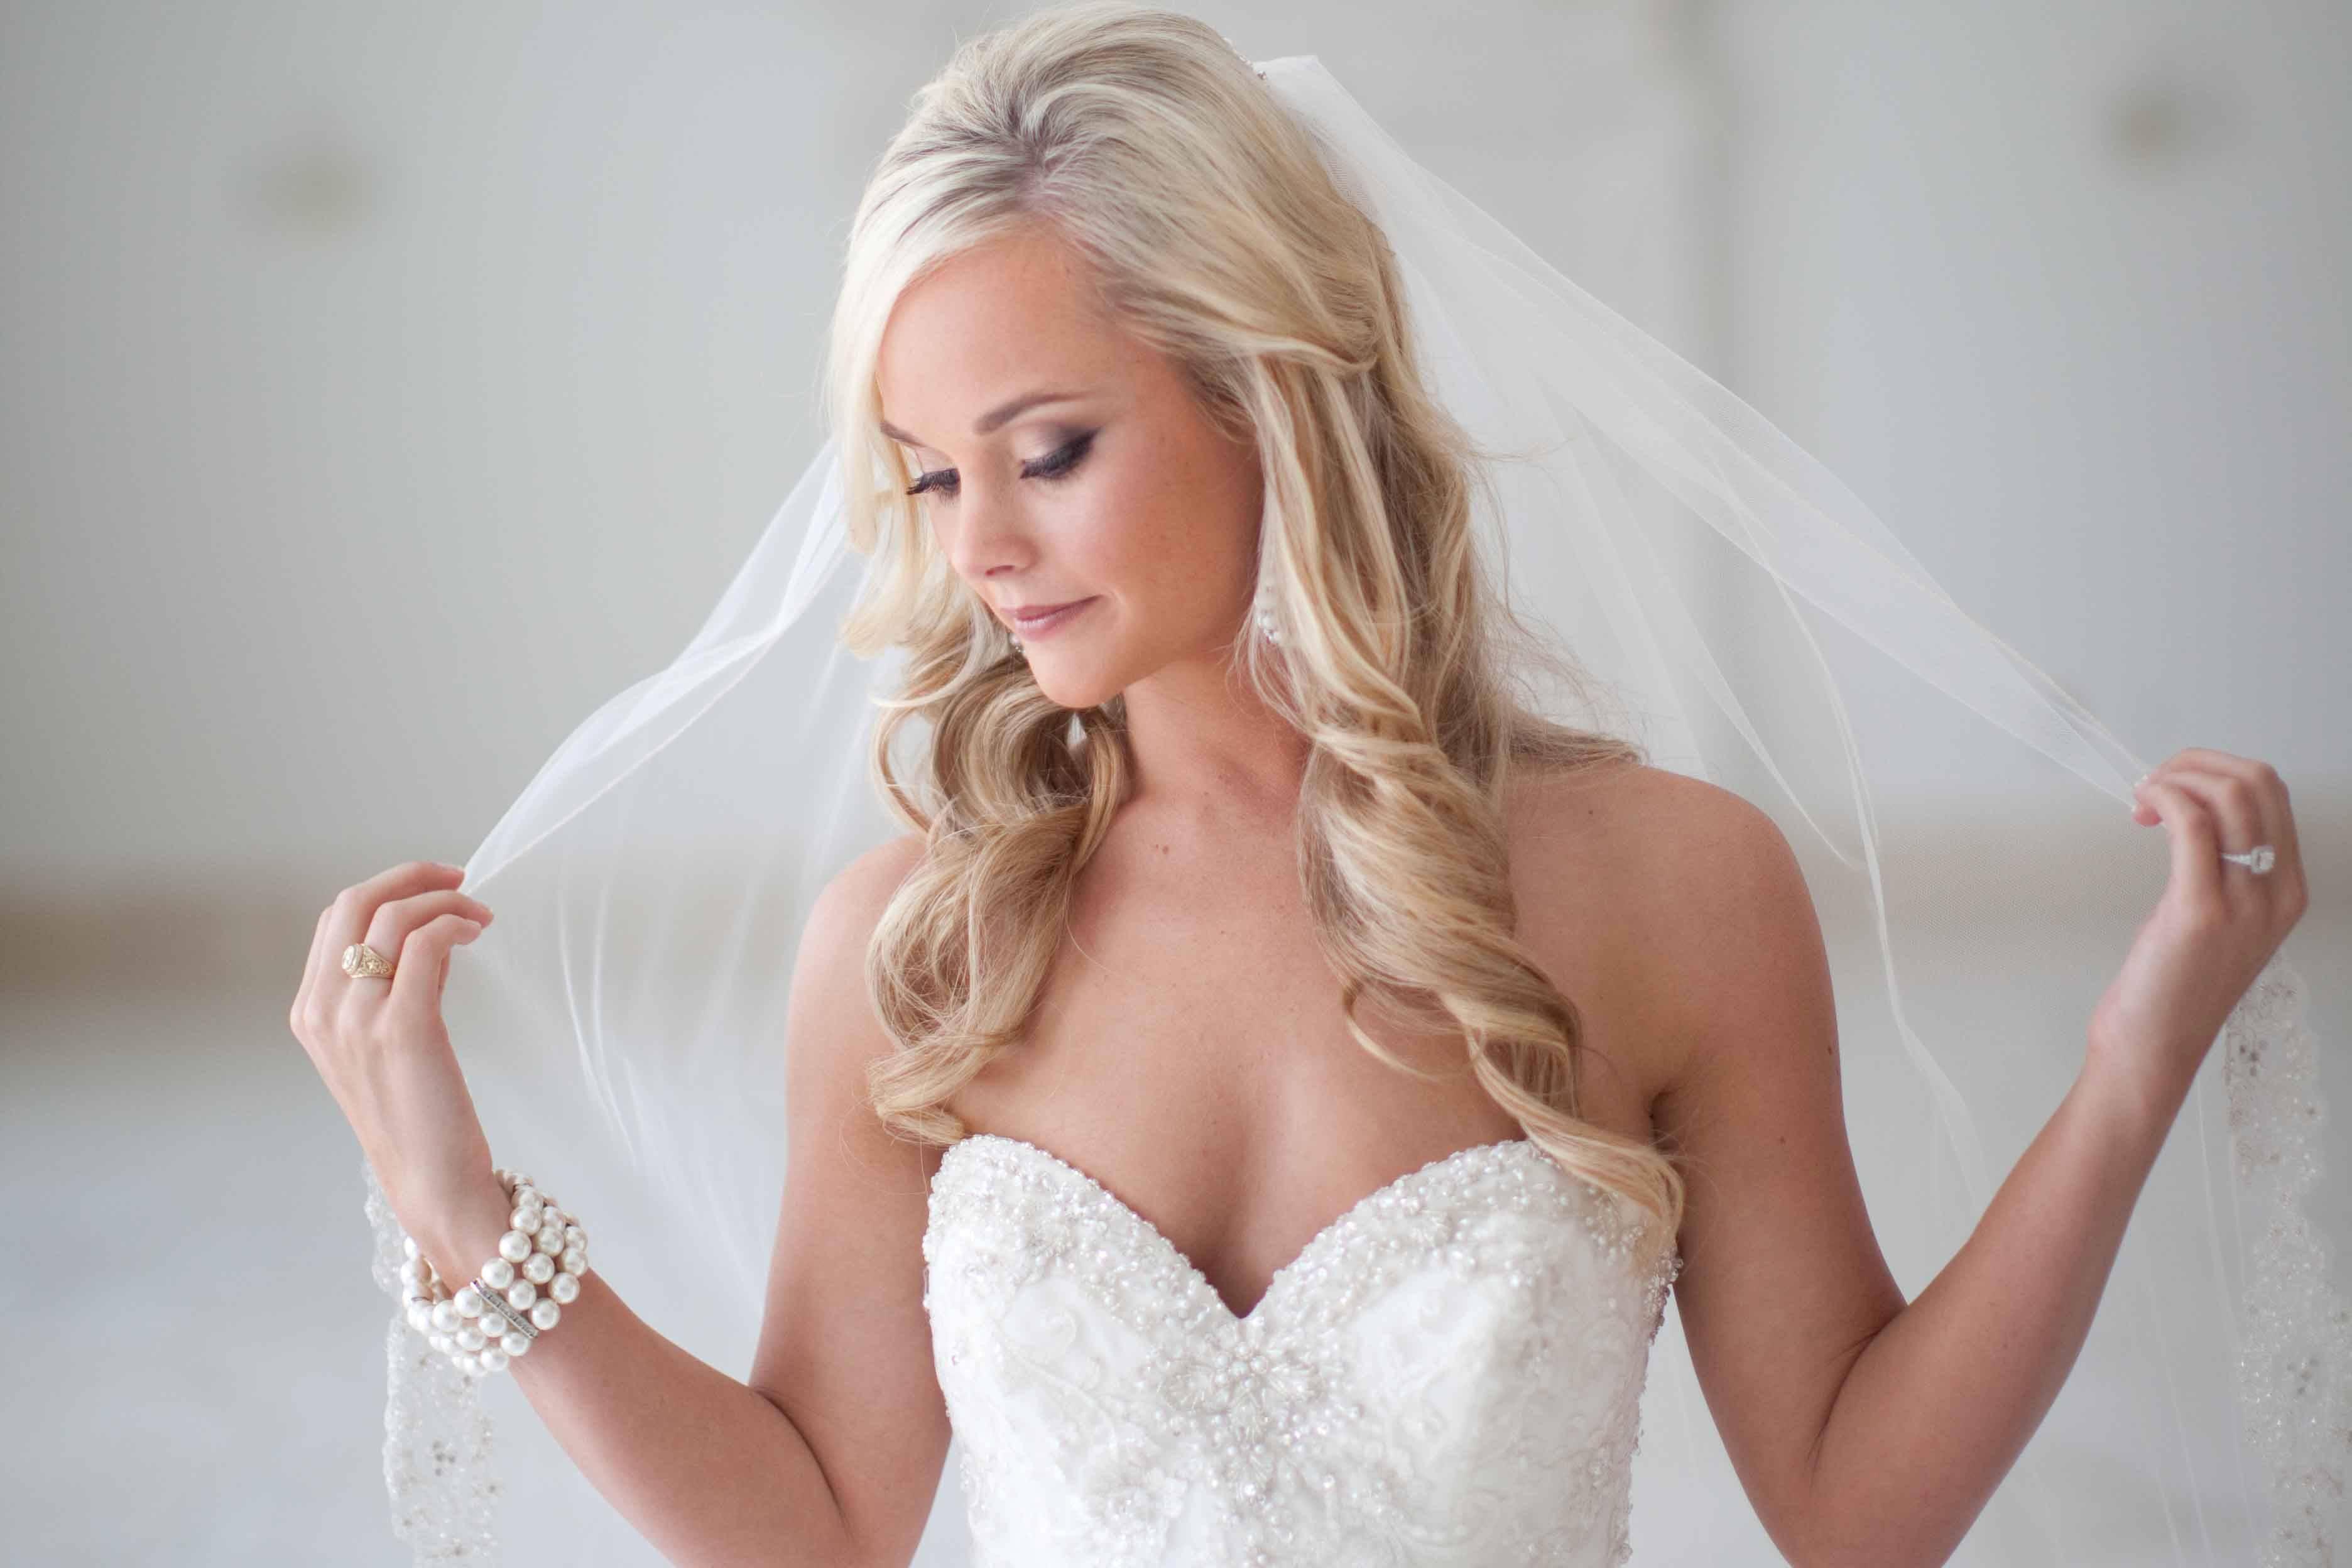 Макияж на свадьбу смоки айс 16